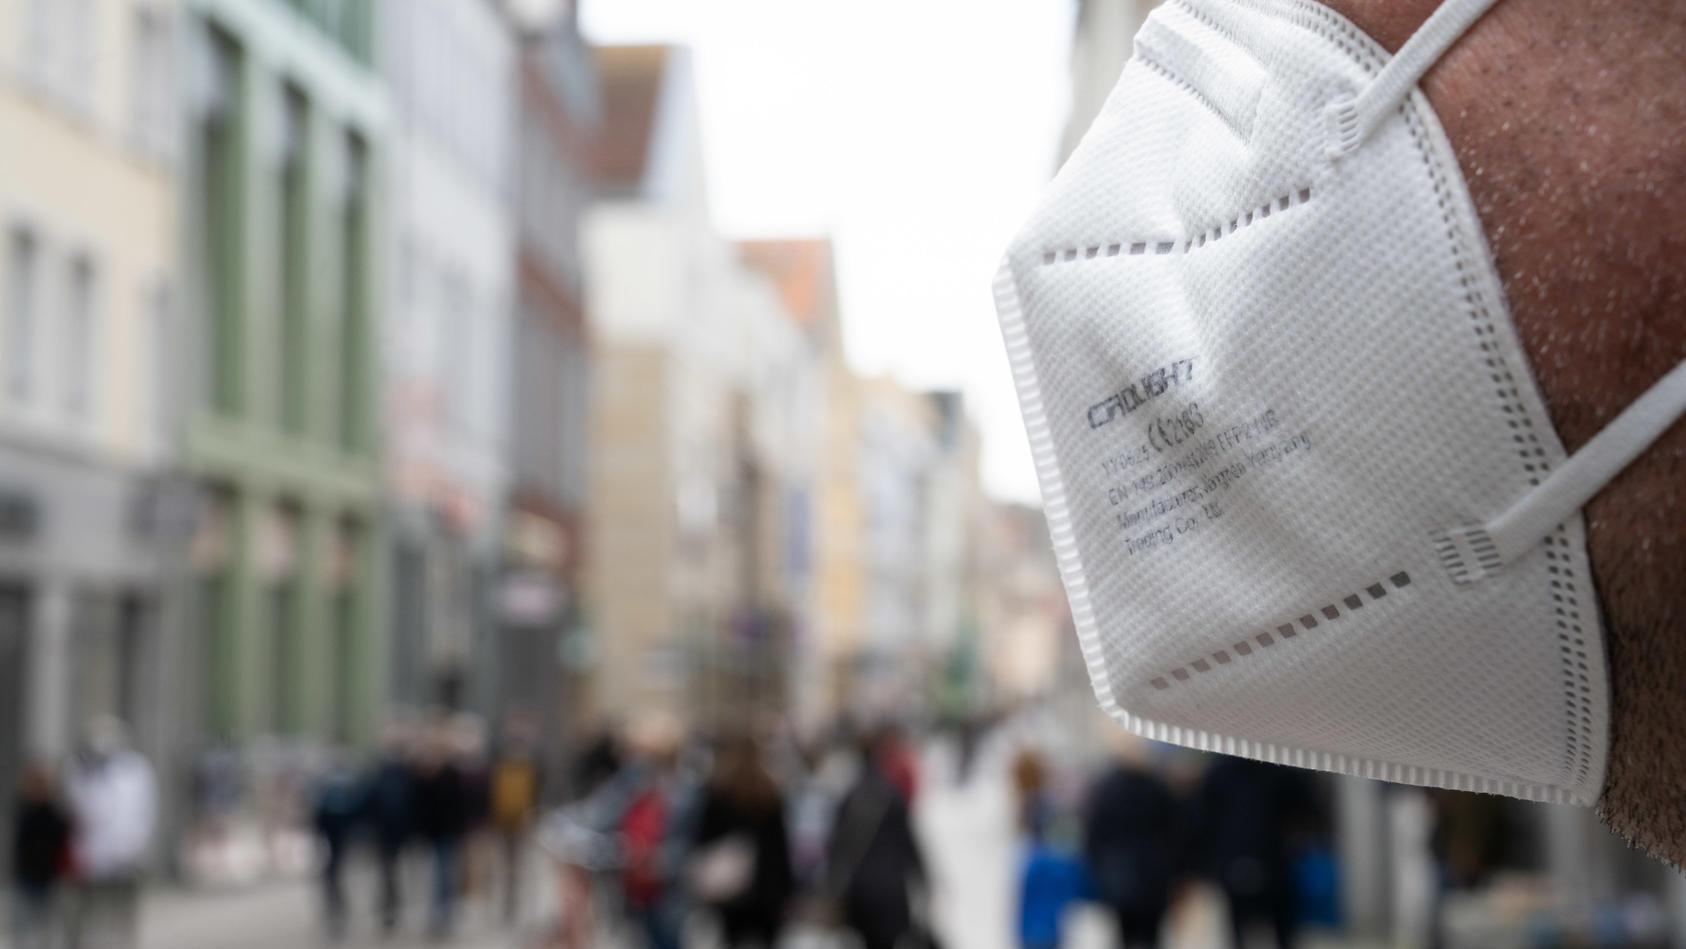 Erstmals seit mehr als acht Monaten haben die Gesundheitsämter in Deutschland weniger als 1000 Neuinfektionen binnen eines Tages an das Robert Koch-Institut (RKI) gemeldet.